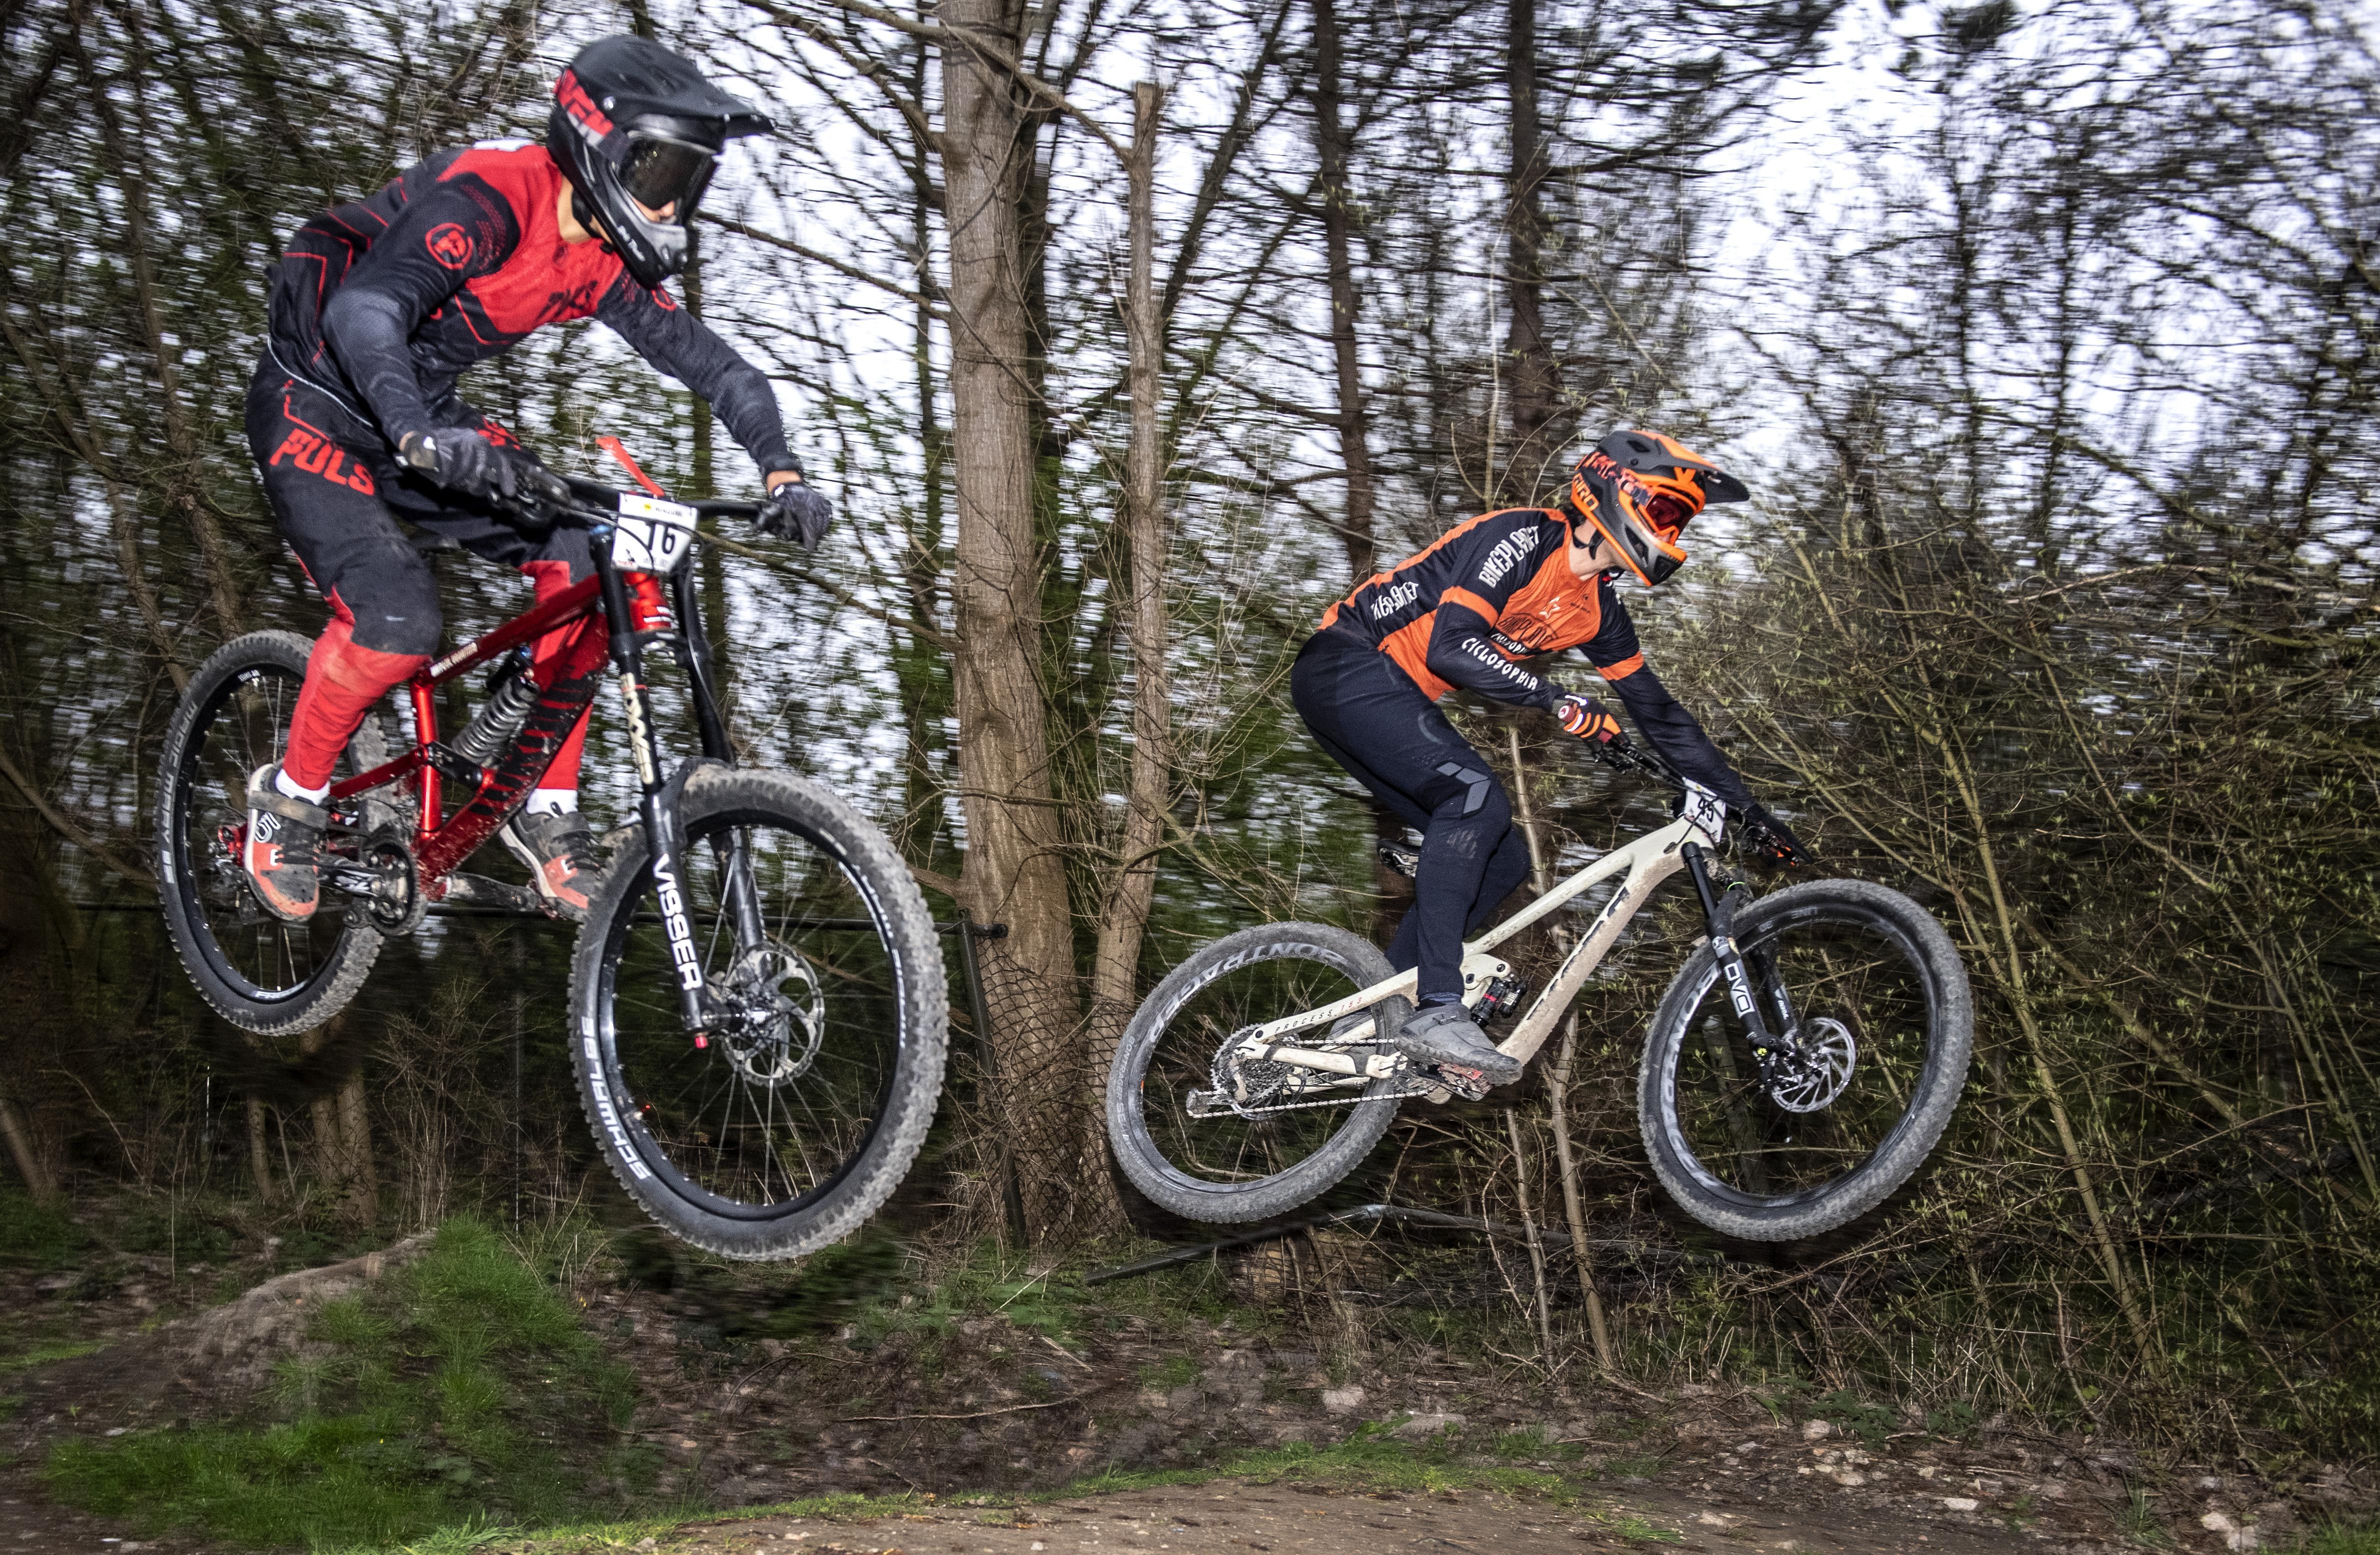 Honderd mountainbikers actief tijdens afdalingswedstrijd Downhill Cup in recreatiegebied Spaarnwoude [video]